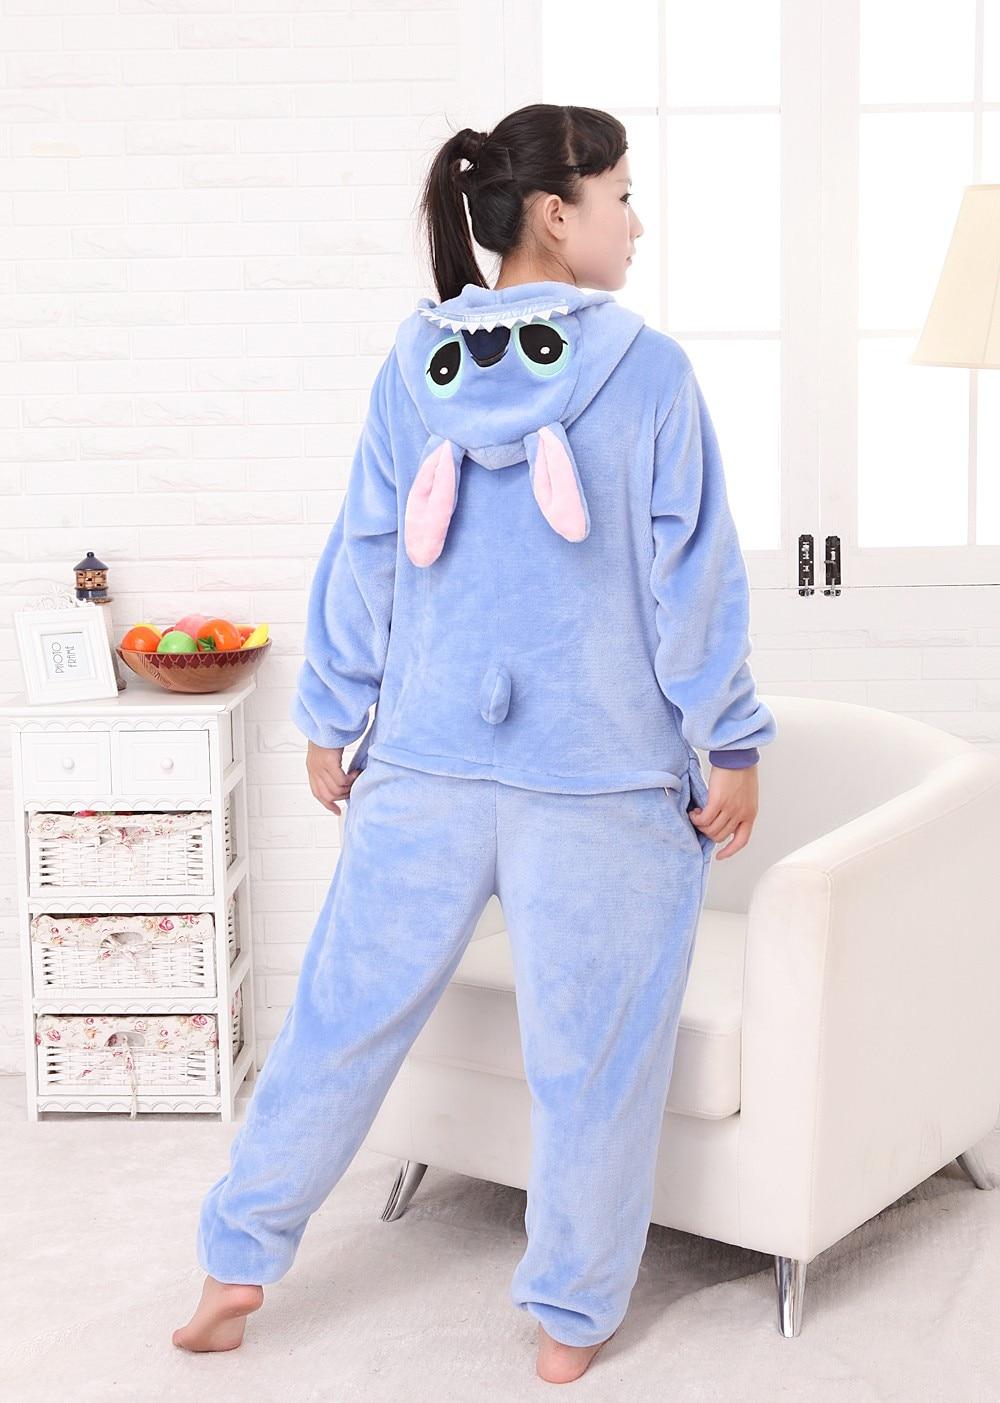 aniaml onesie jumpsuit pajama